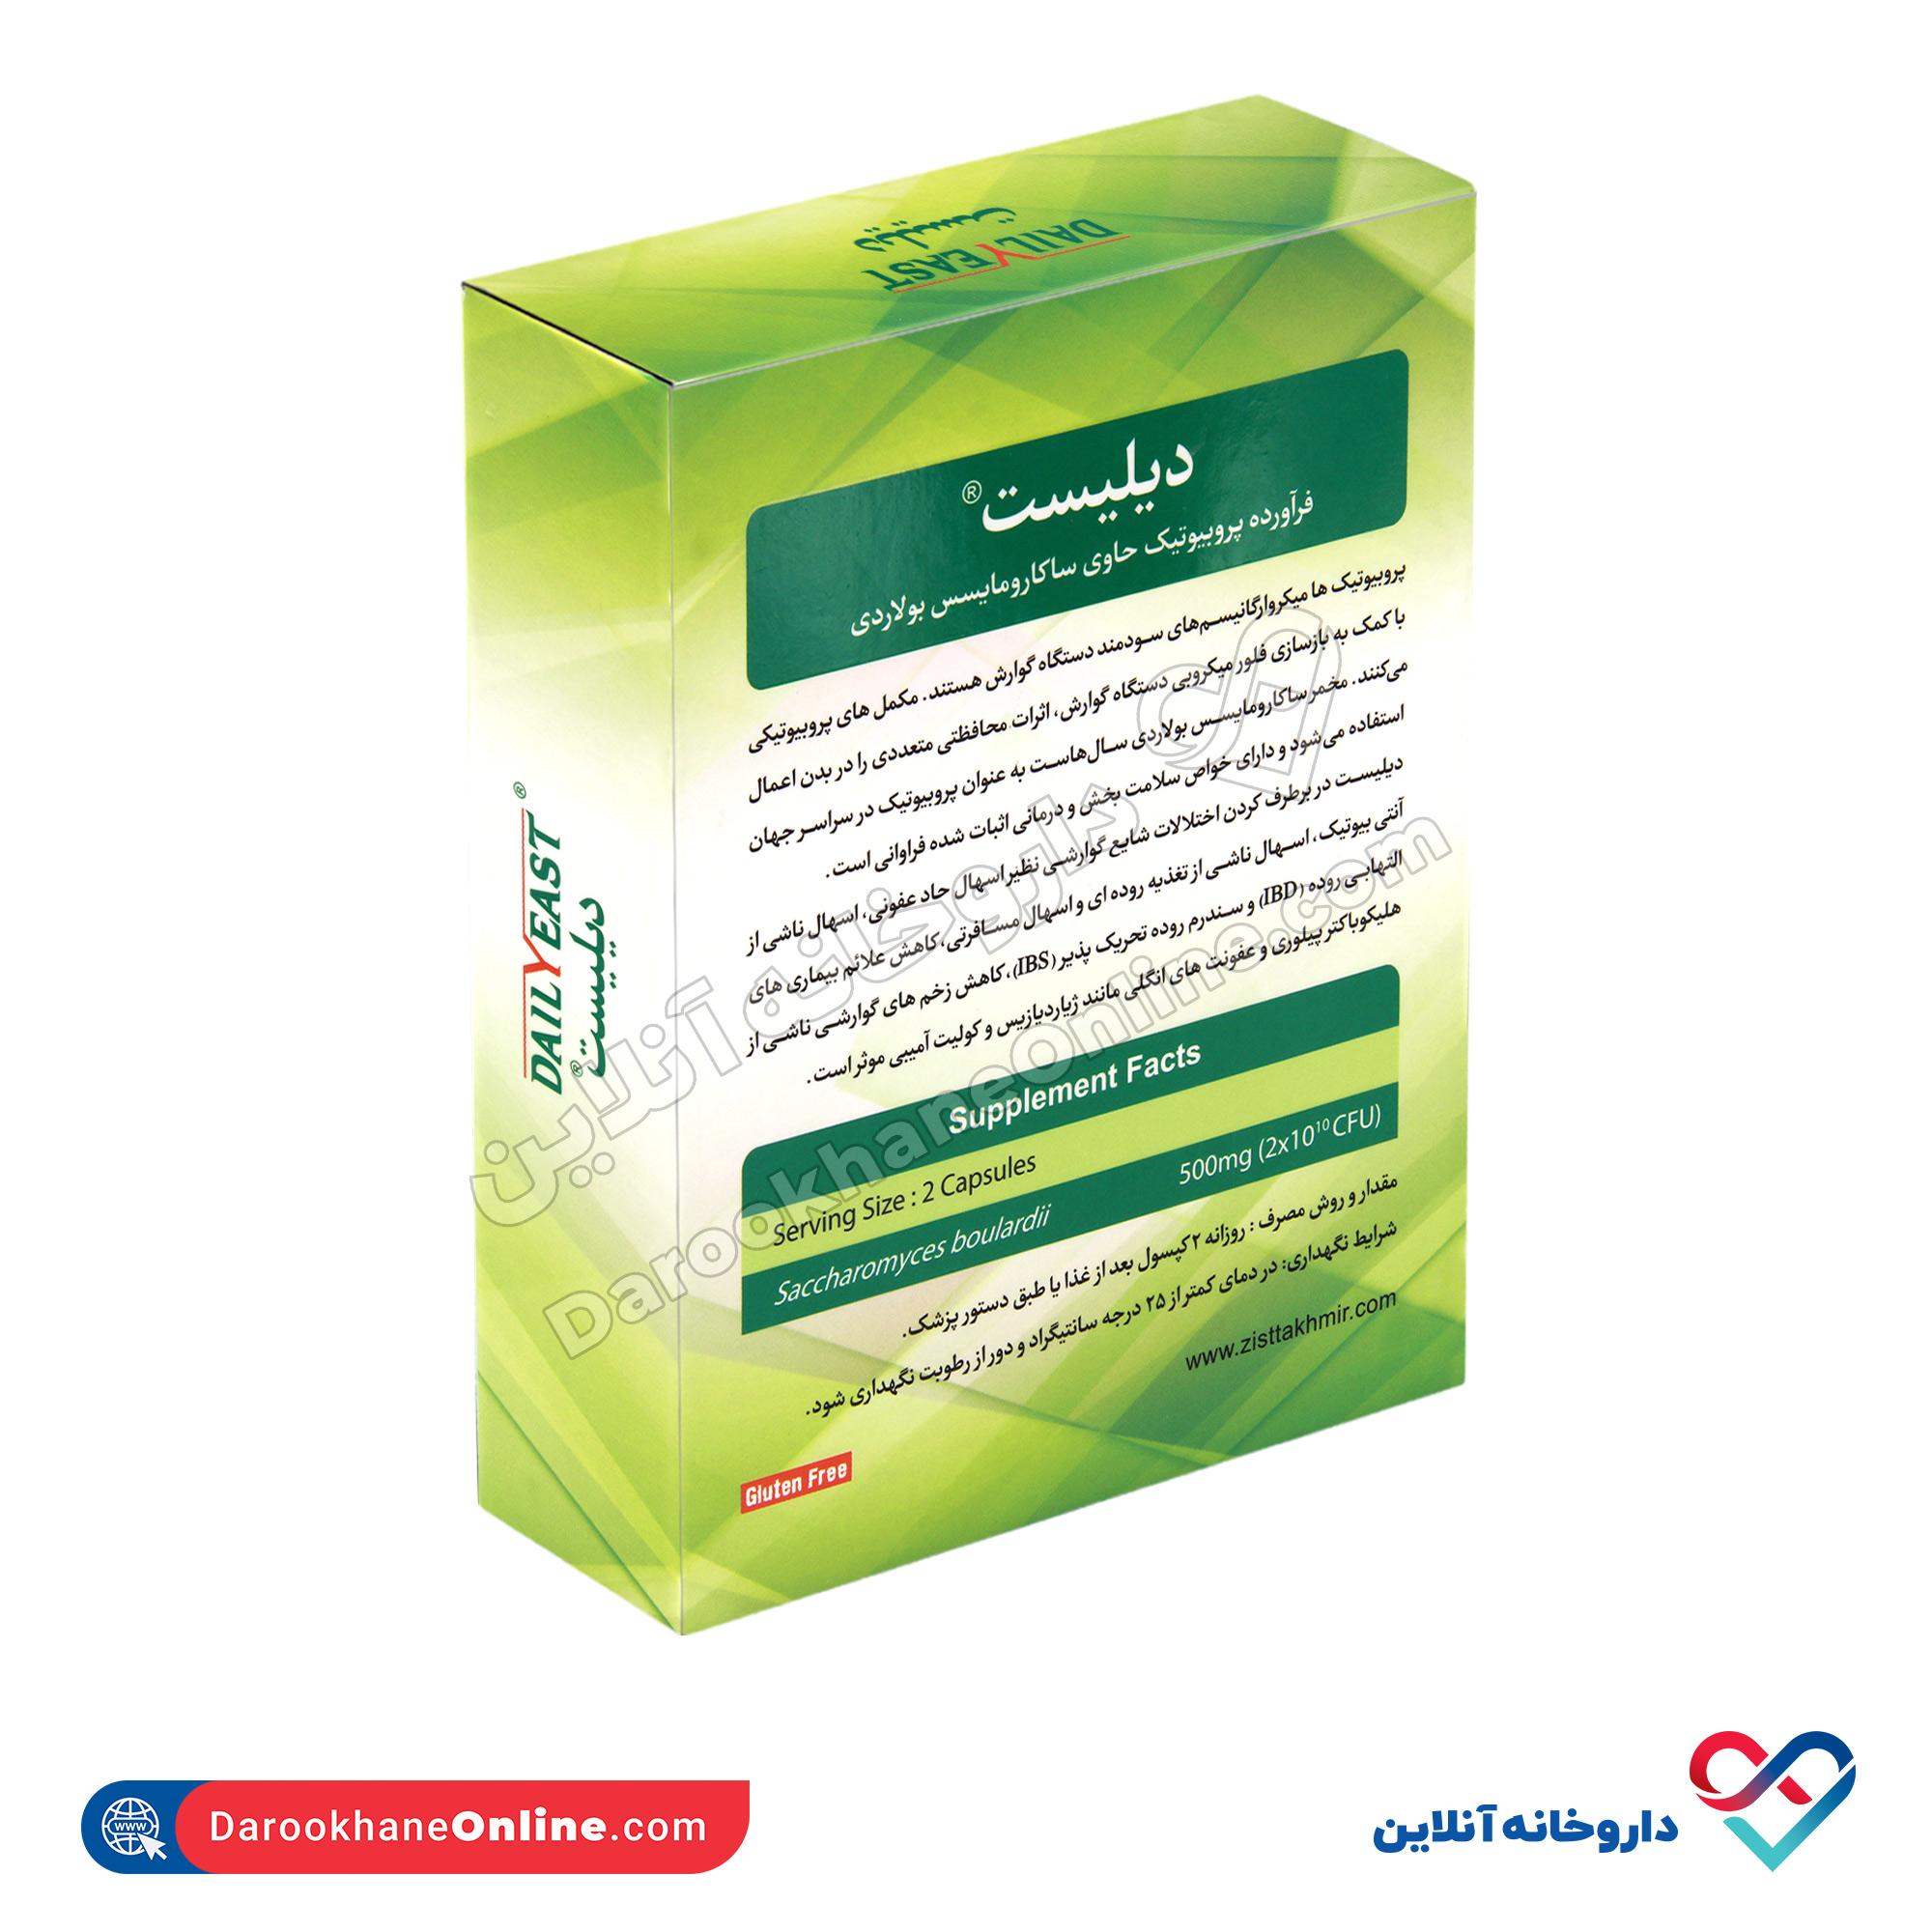 کپسول دیلیست زیست تخمیر | 30 عدد | کاهش علائم التهابی روده و عفونت های انگلی